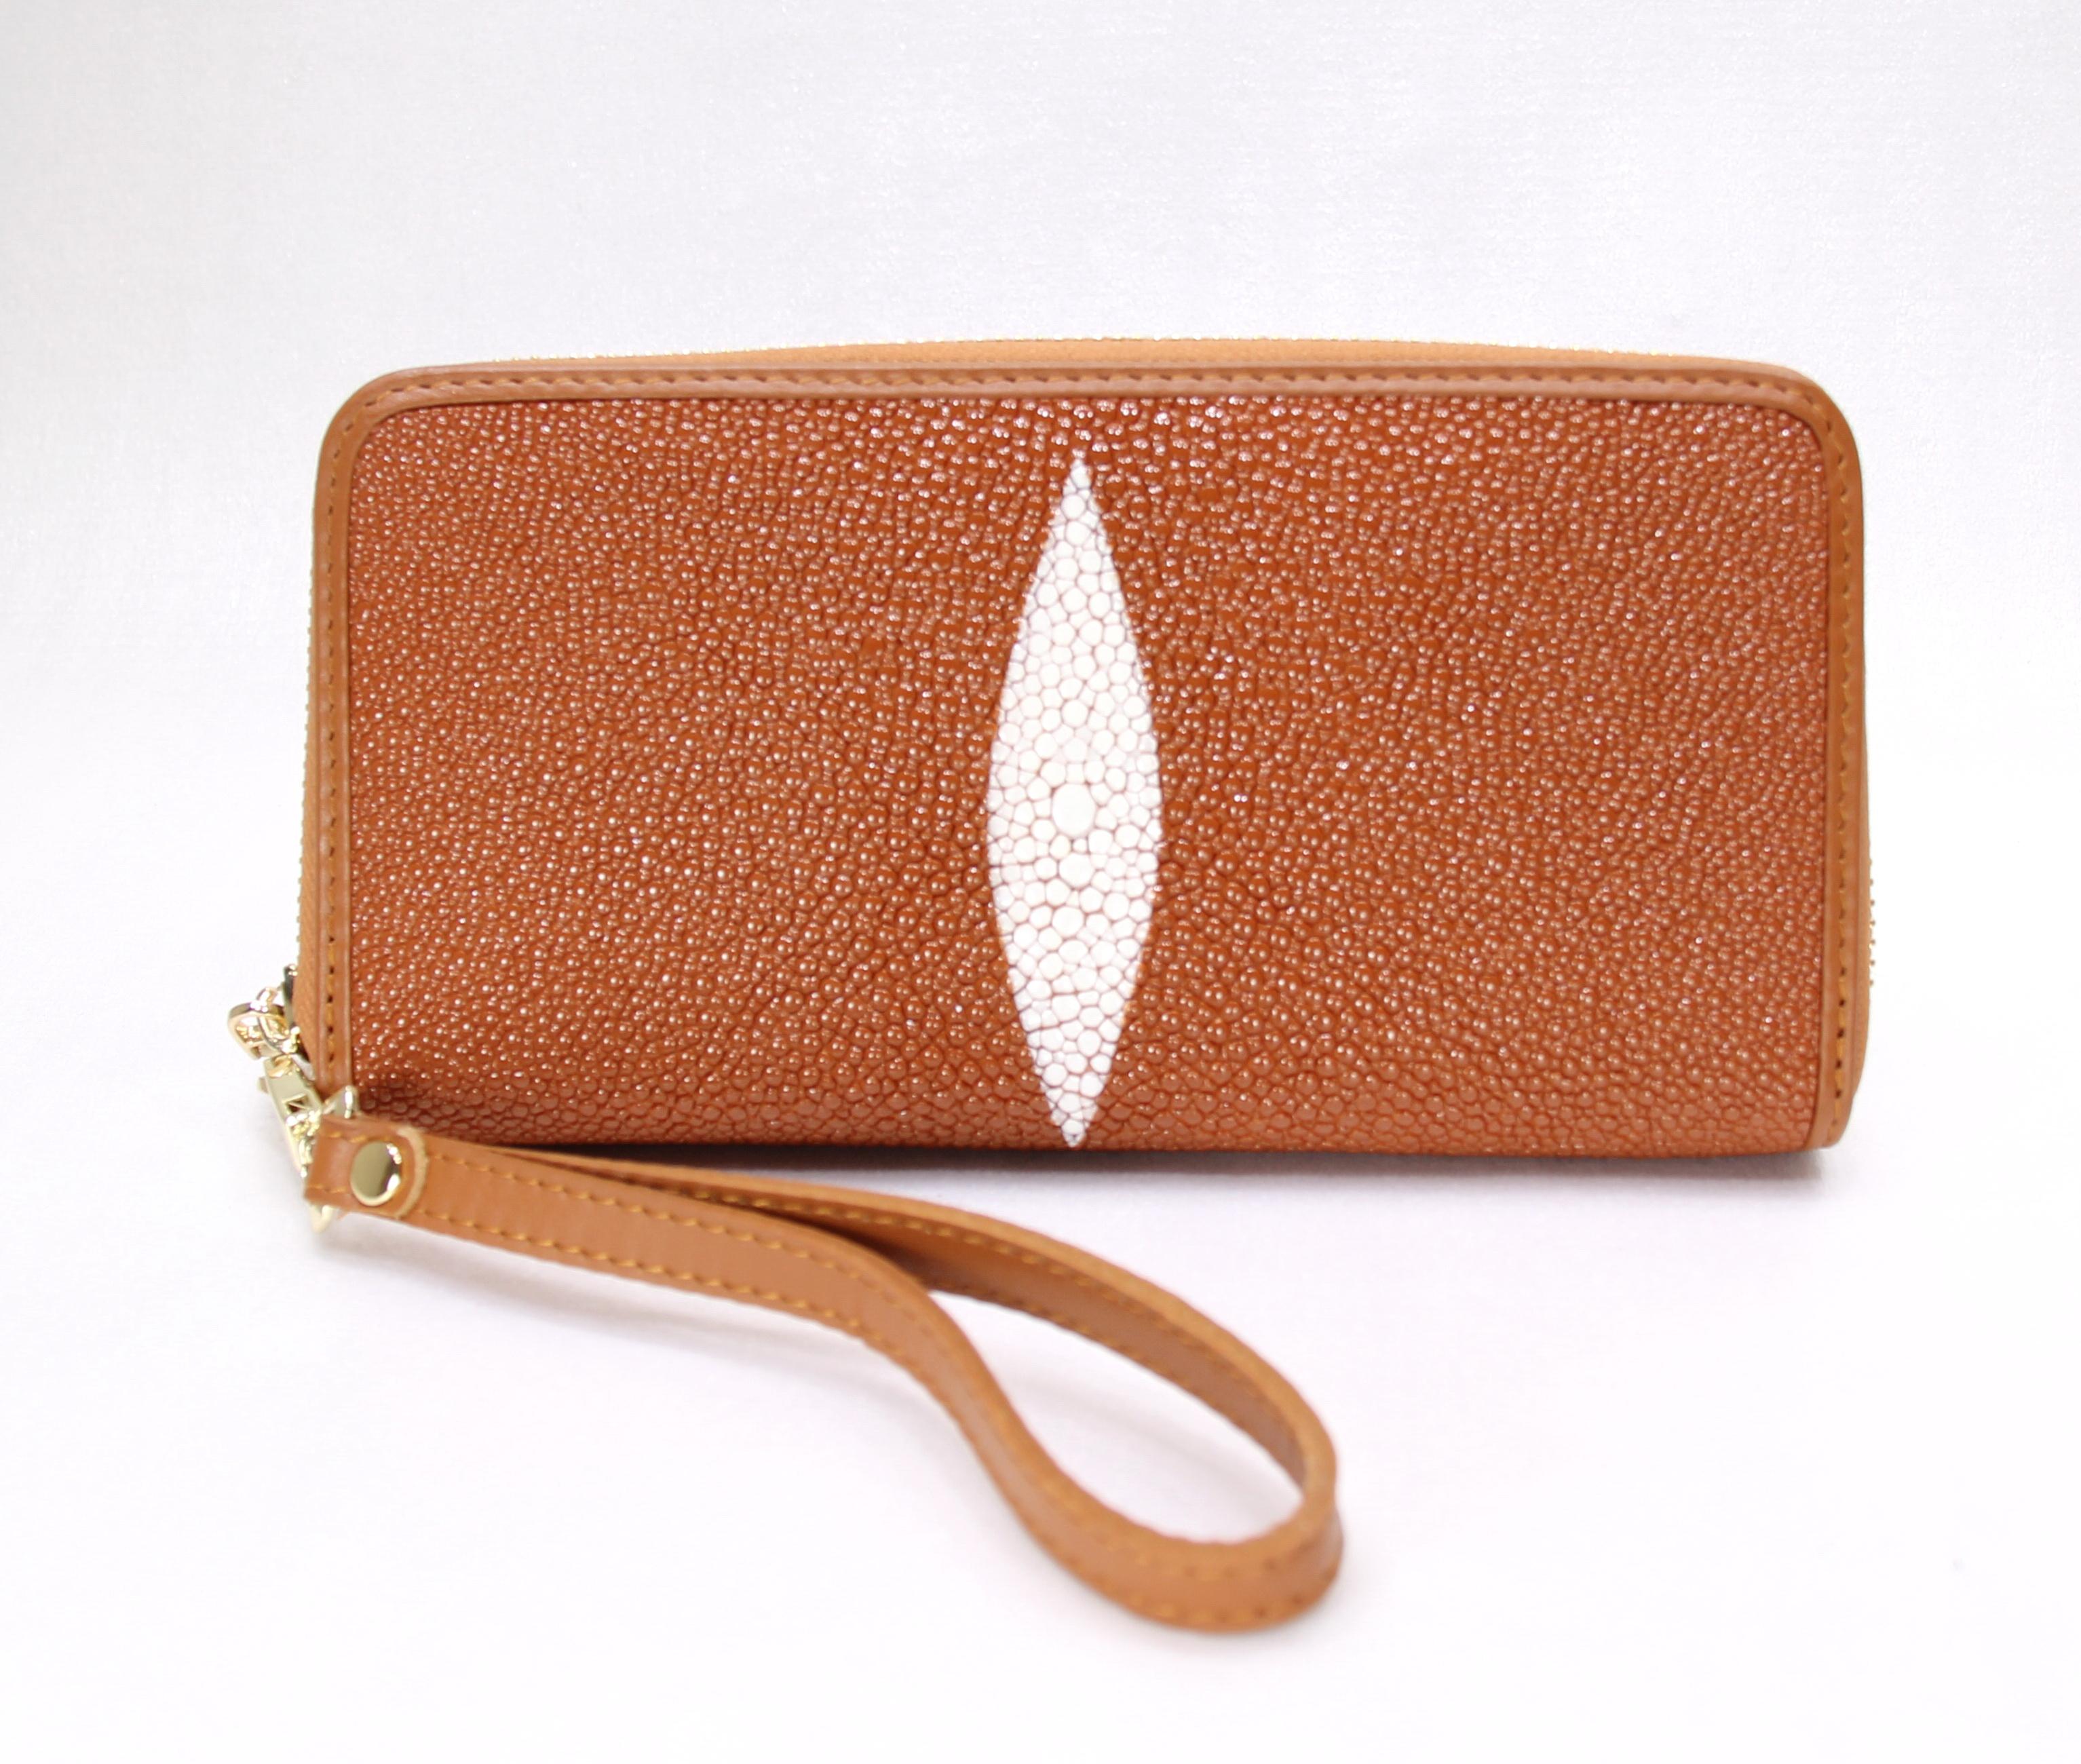 กระเป๋าสตางค์ผู้หญิง รุ่น AG197